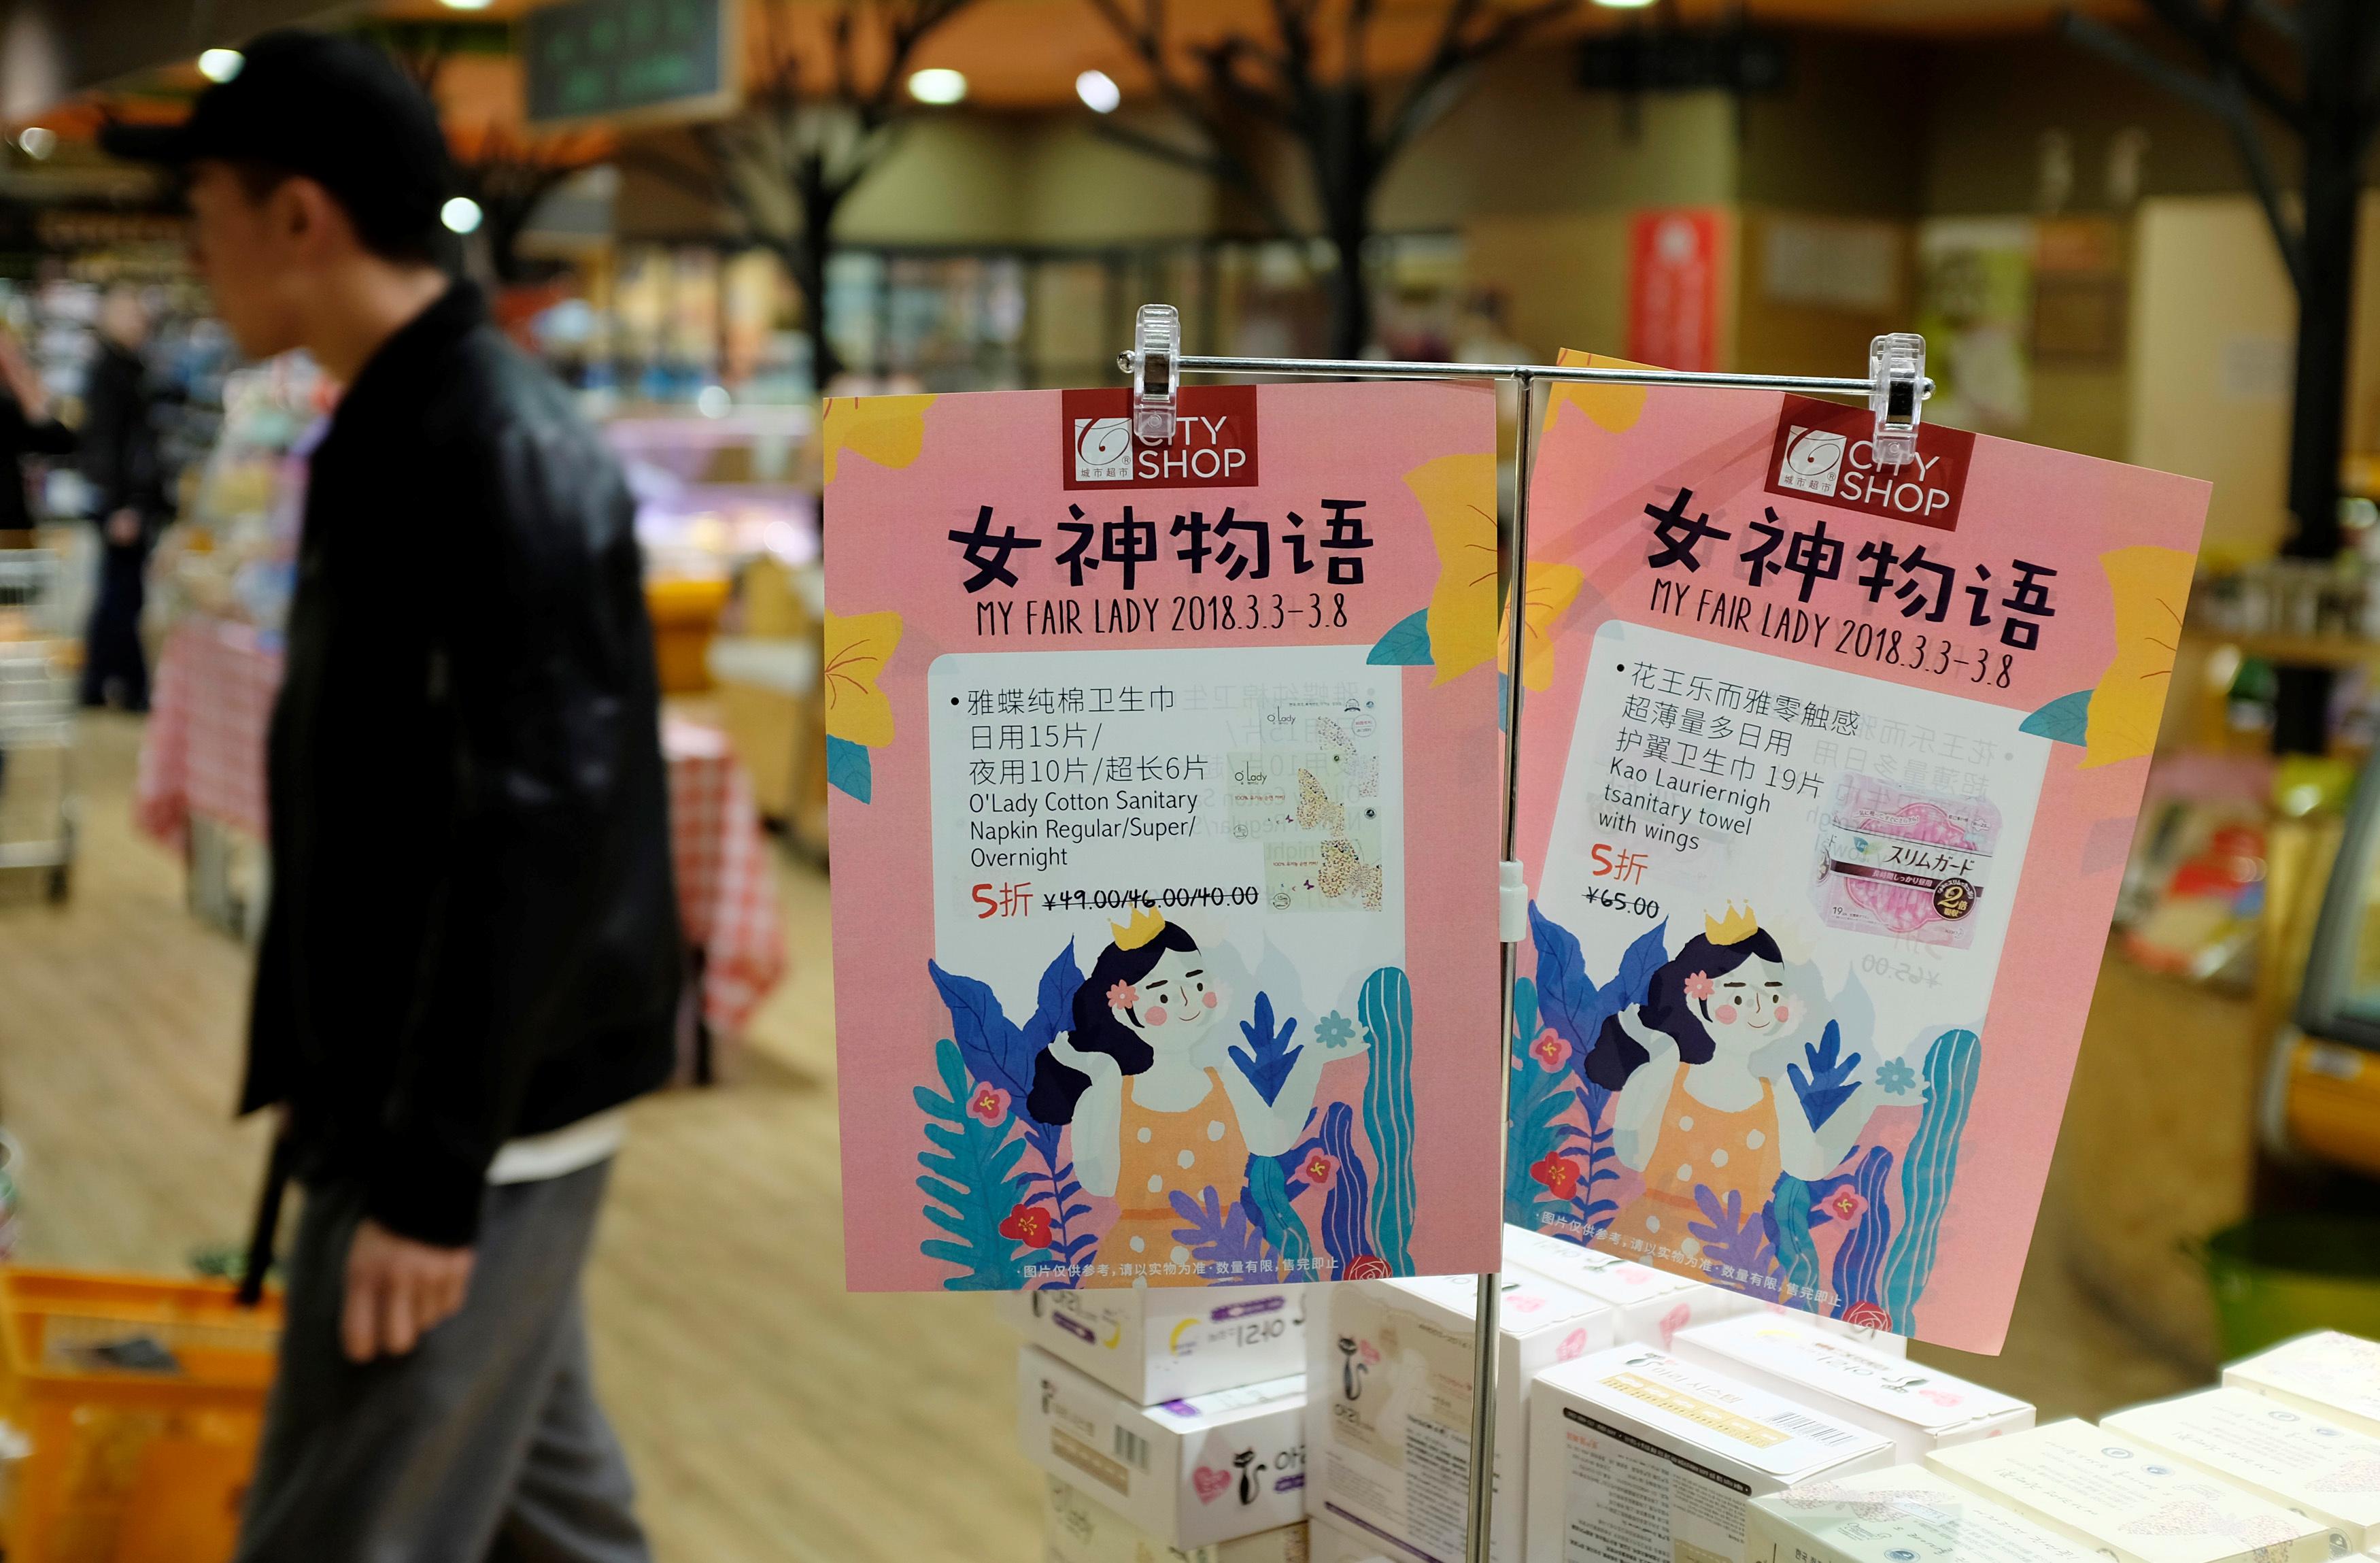 لافتات دعم للمرأة فى الصين